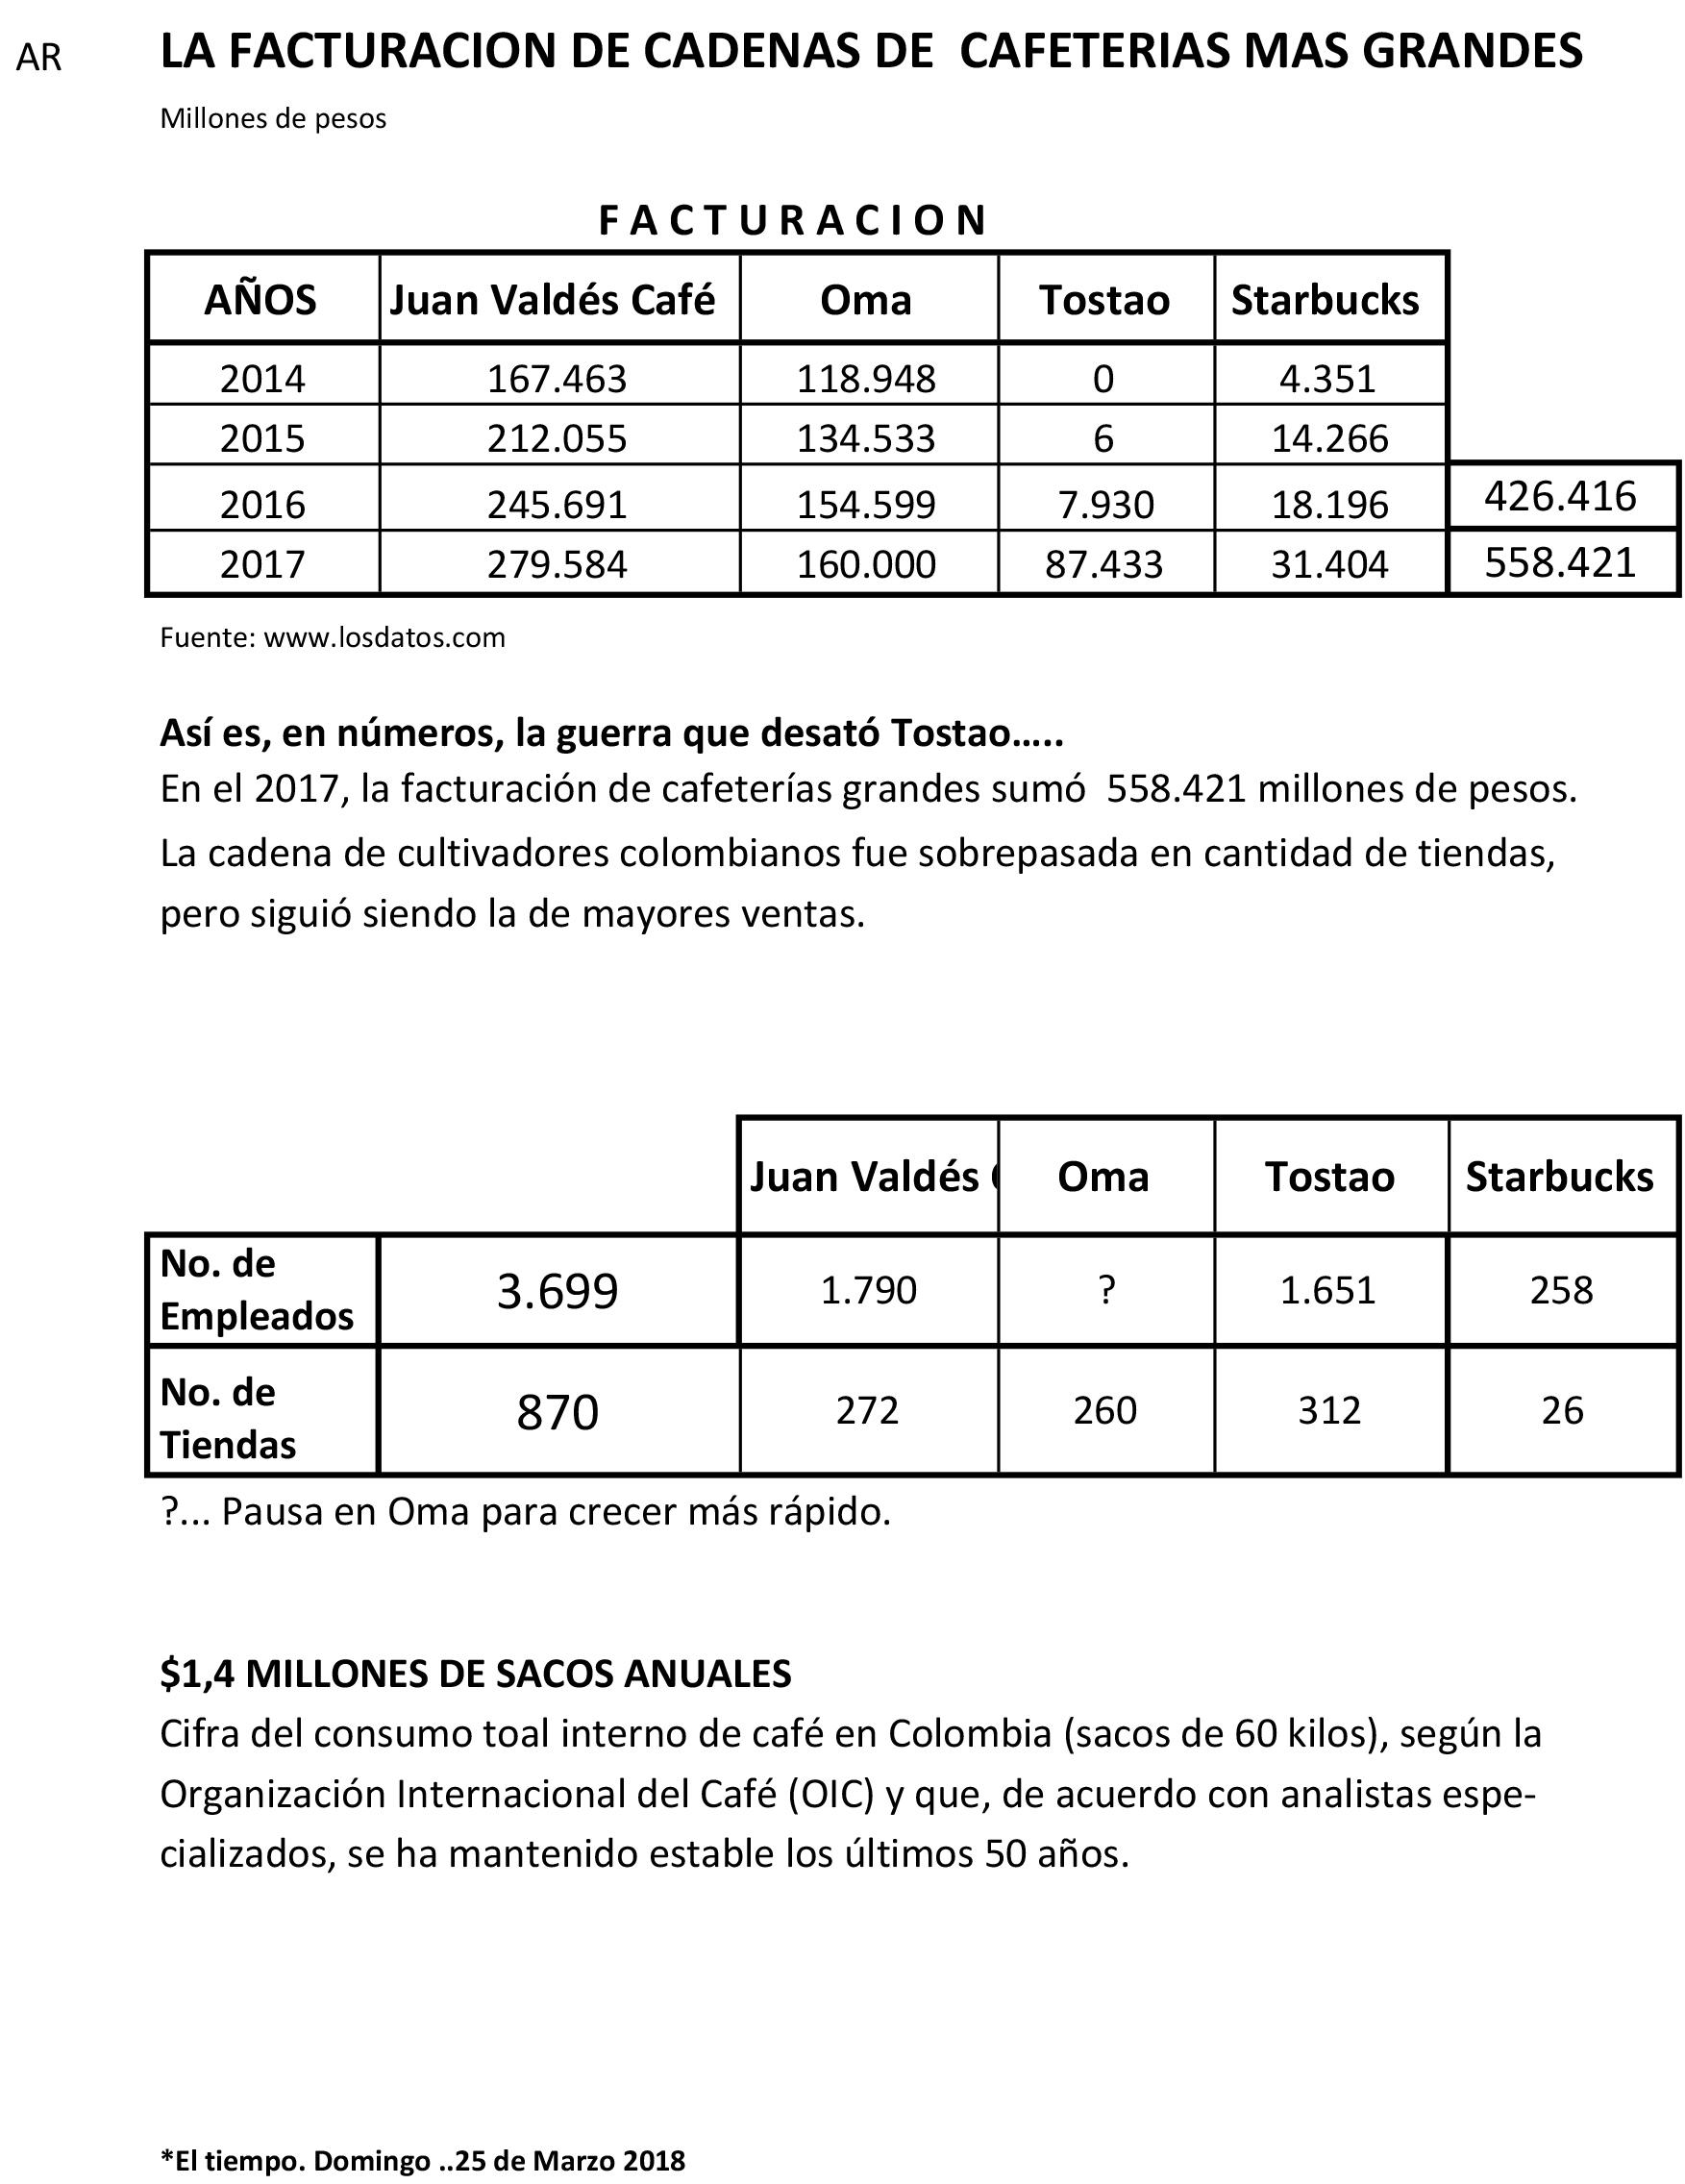 Facturacion tostao-juan-valdez